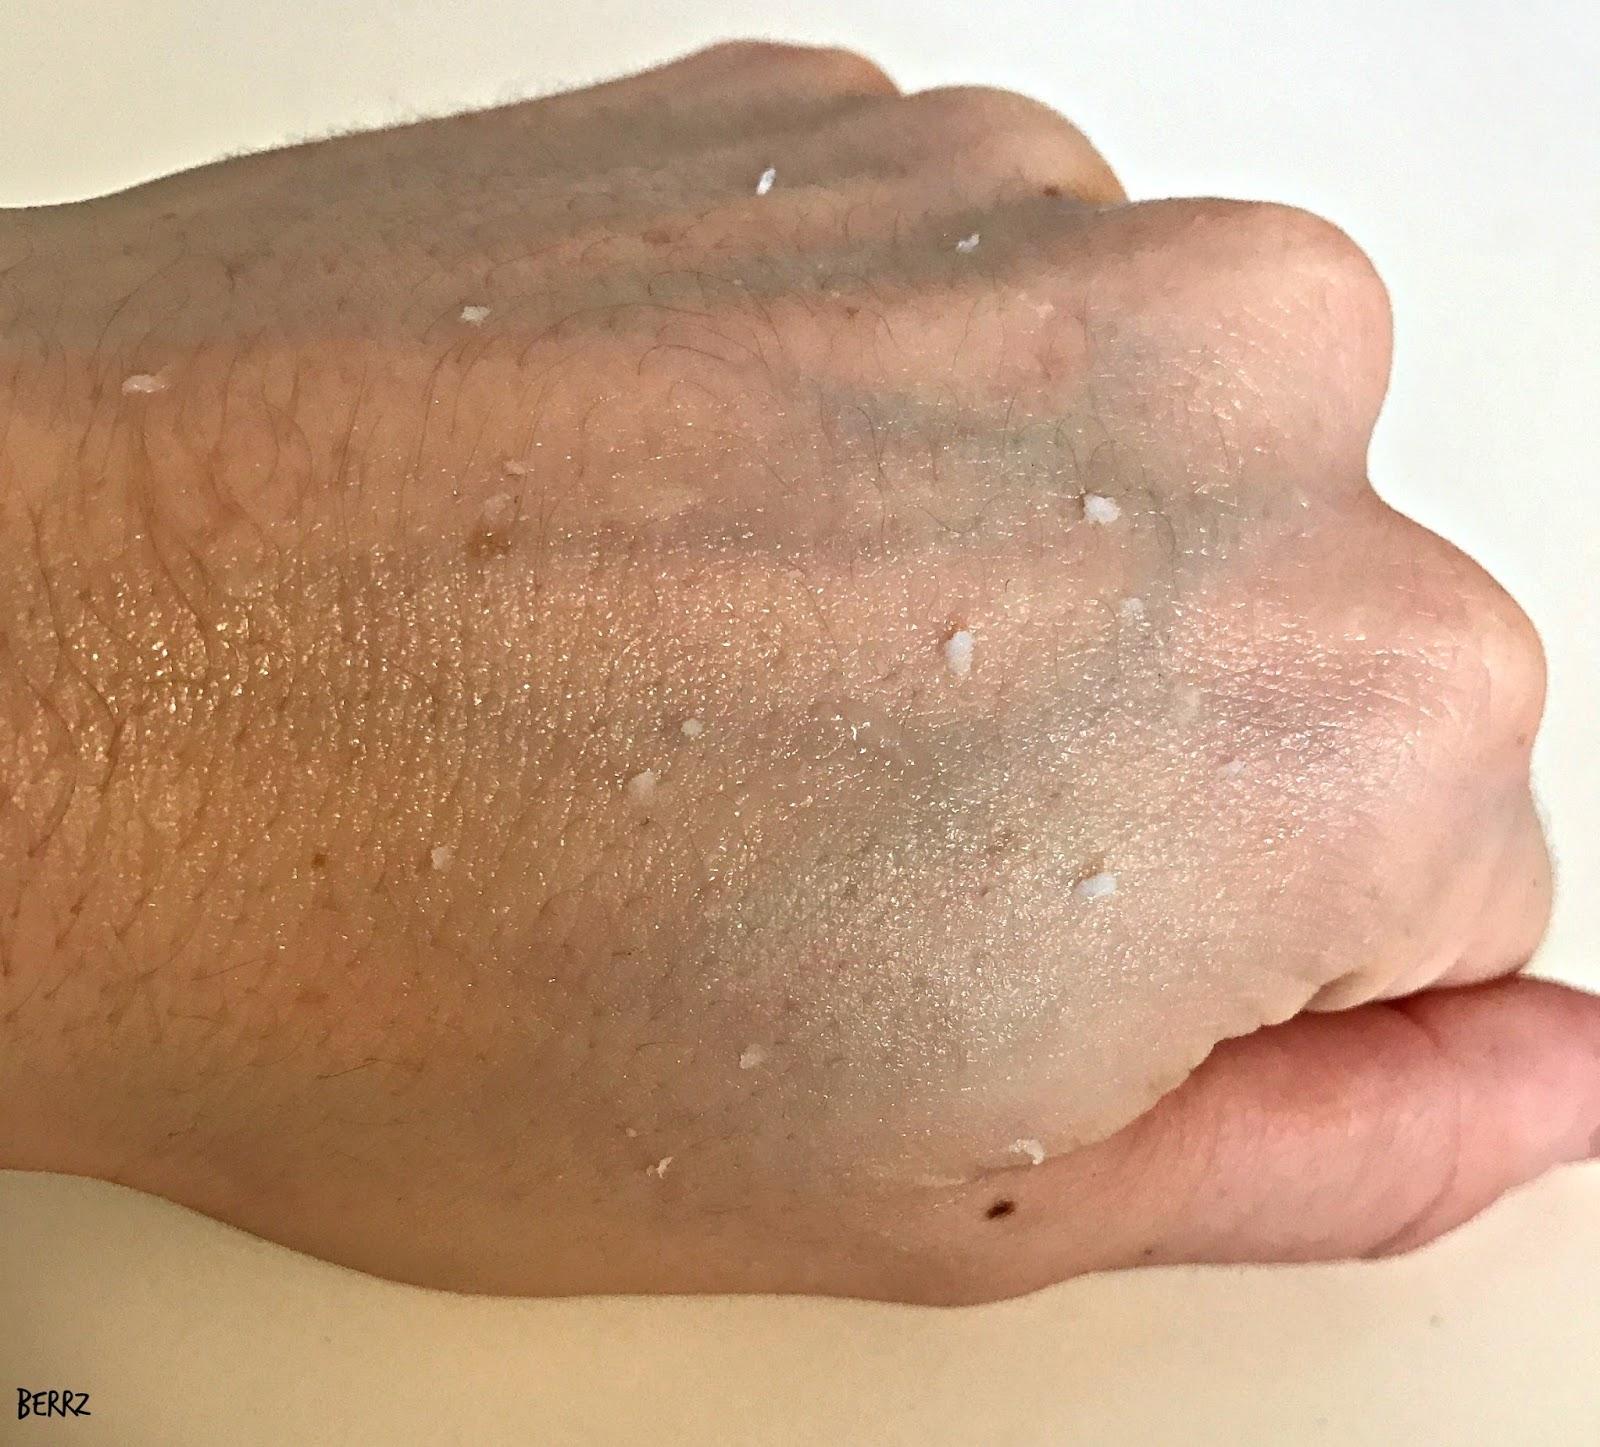 Gentle Peeling Exfoliant by e.l.f. #17